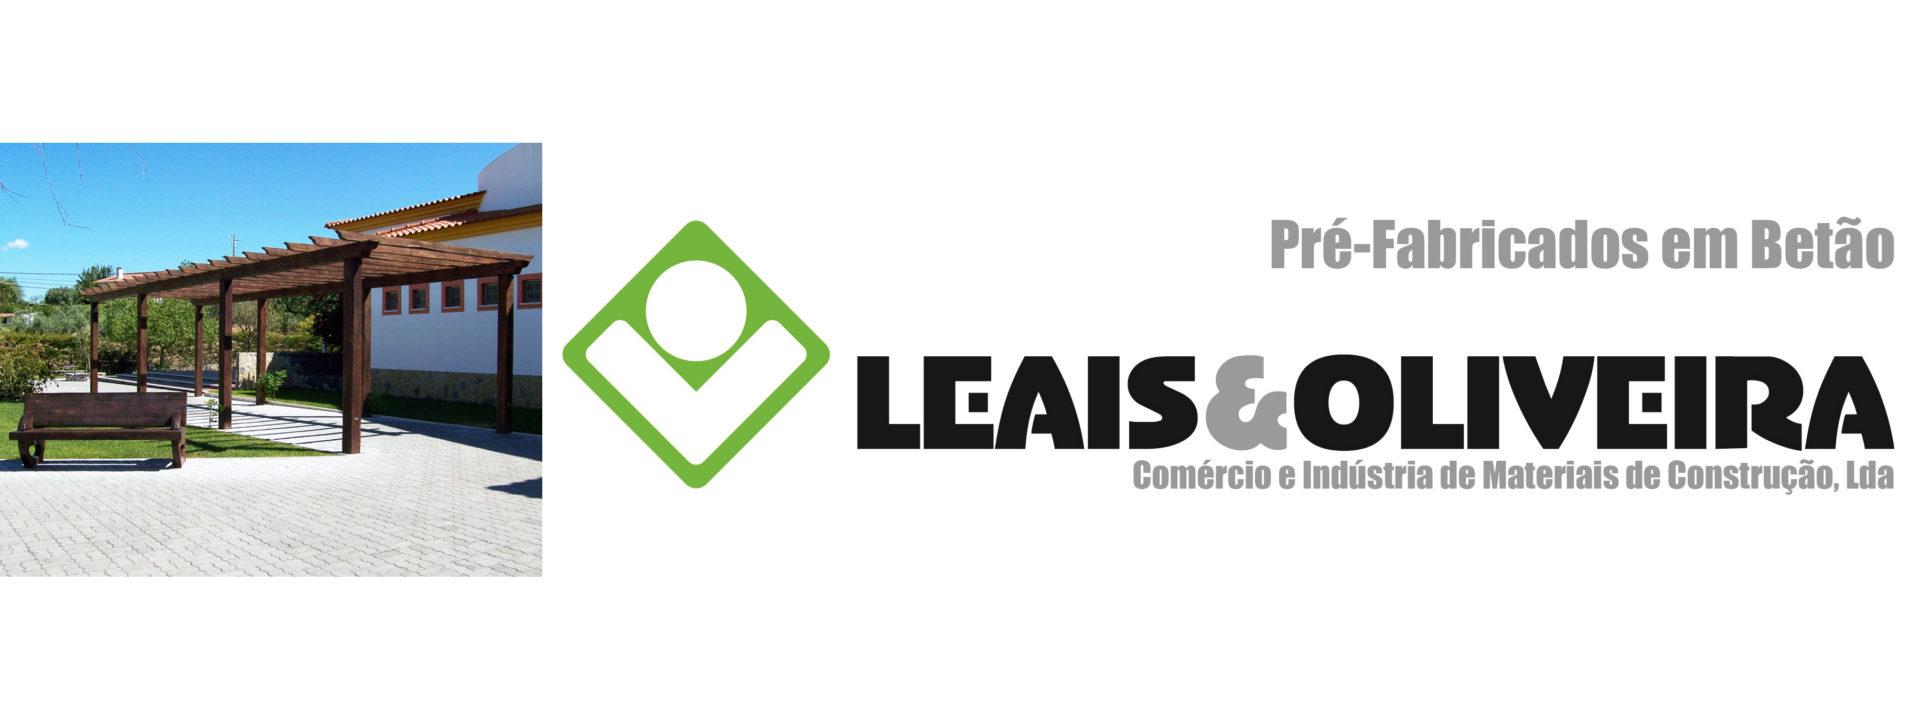 Leais & Oliveira